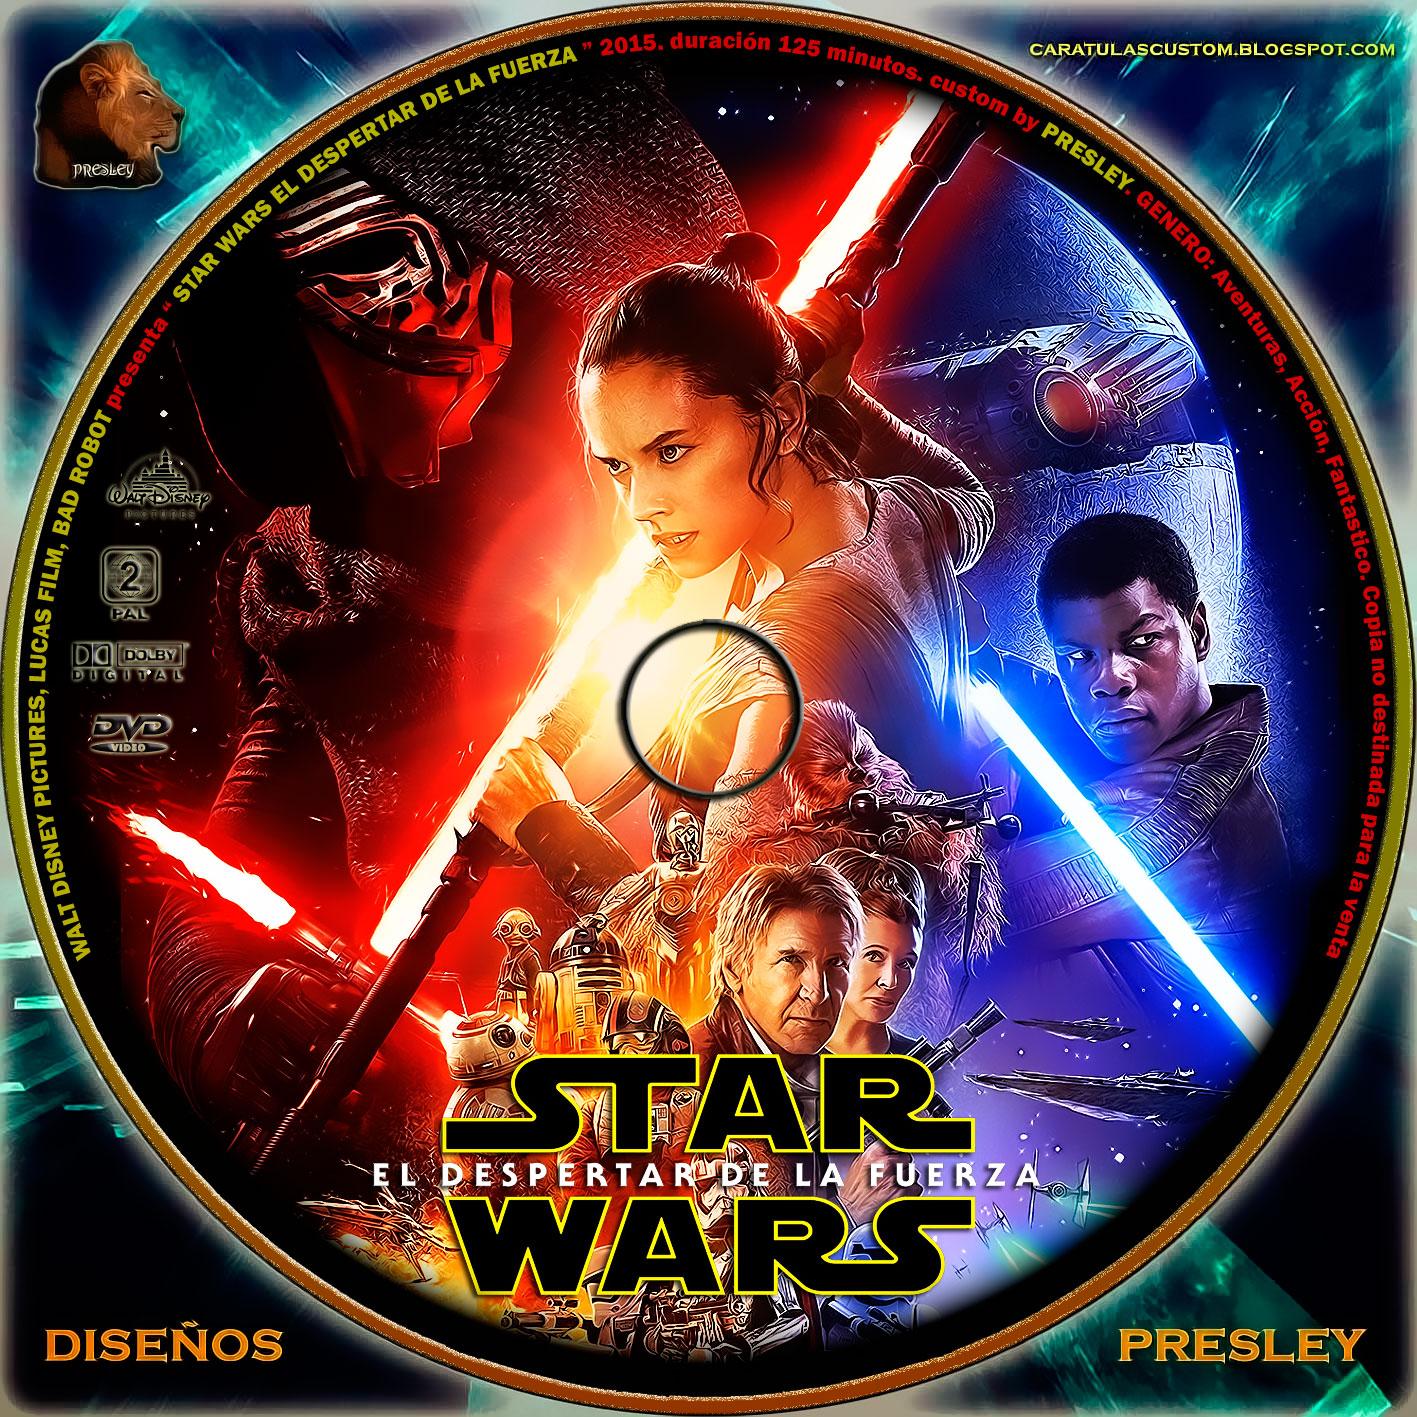 Star Wars El Despertar De La Fuerza Doblada: CARATULAS CUSTON: STAR WARS EL DESPERTAR DE LA FUERZA